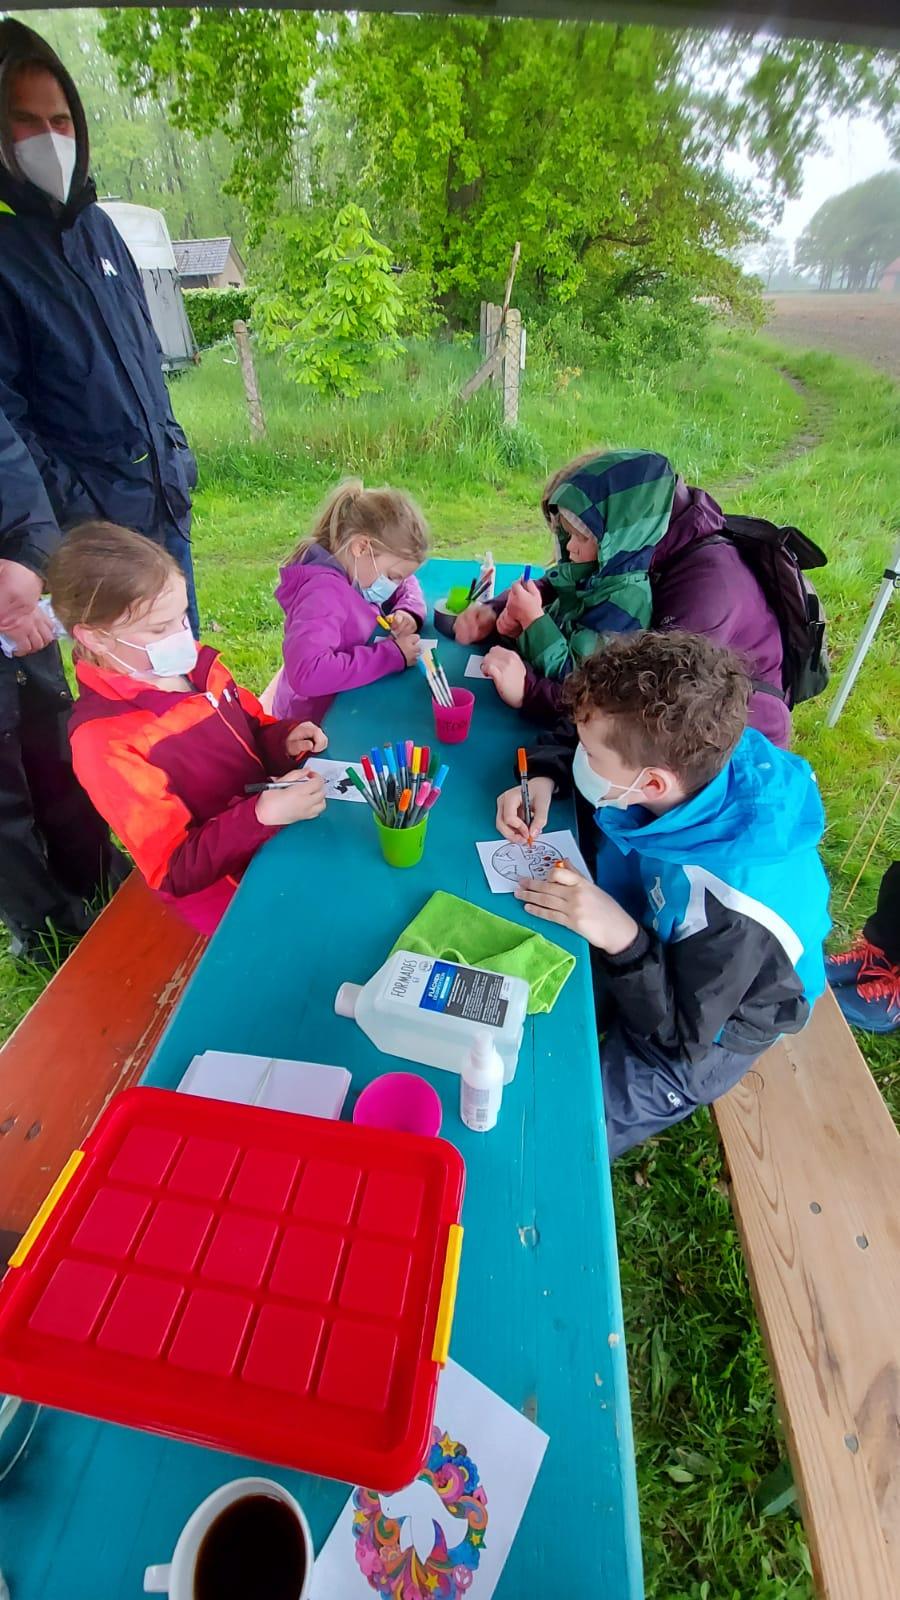 Kinder sitzen an einem Tisch und malen